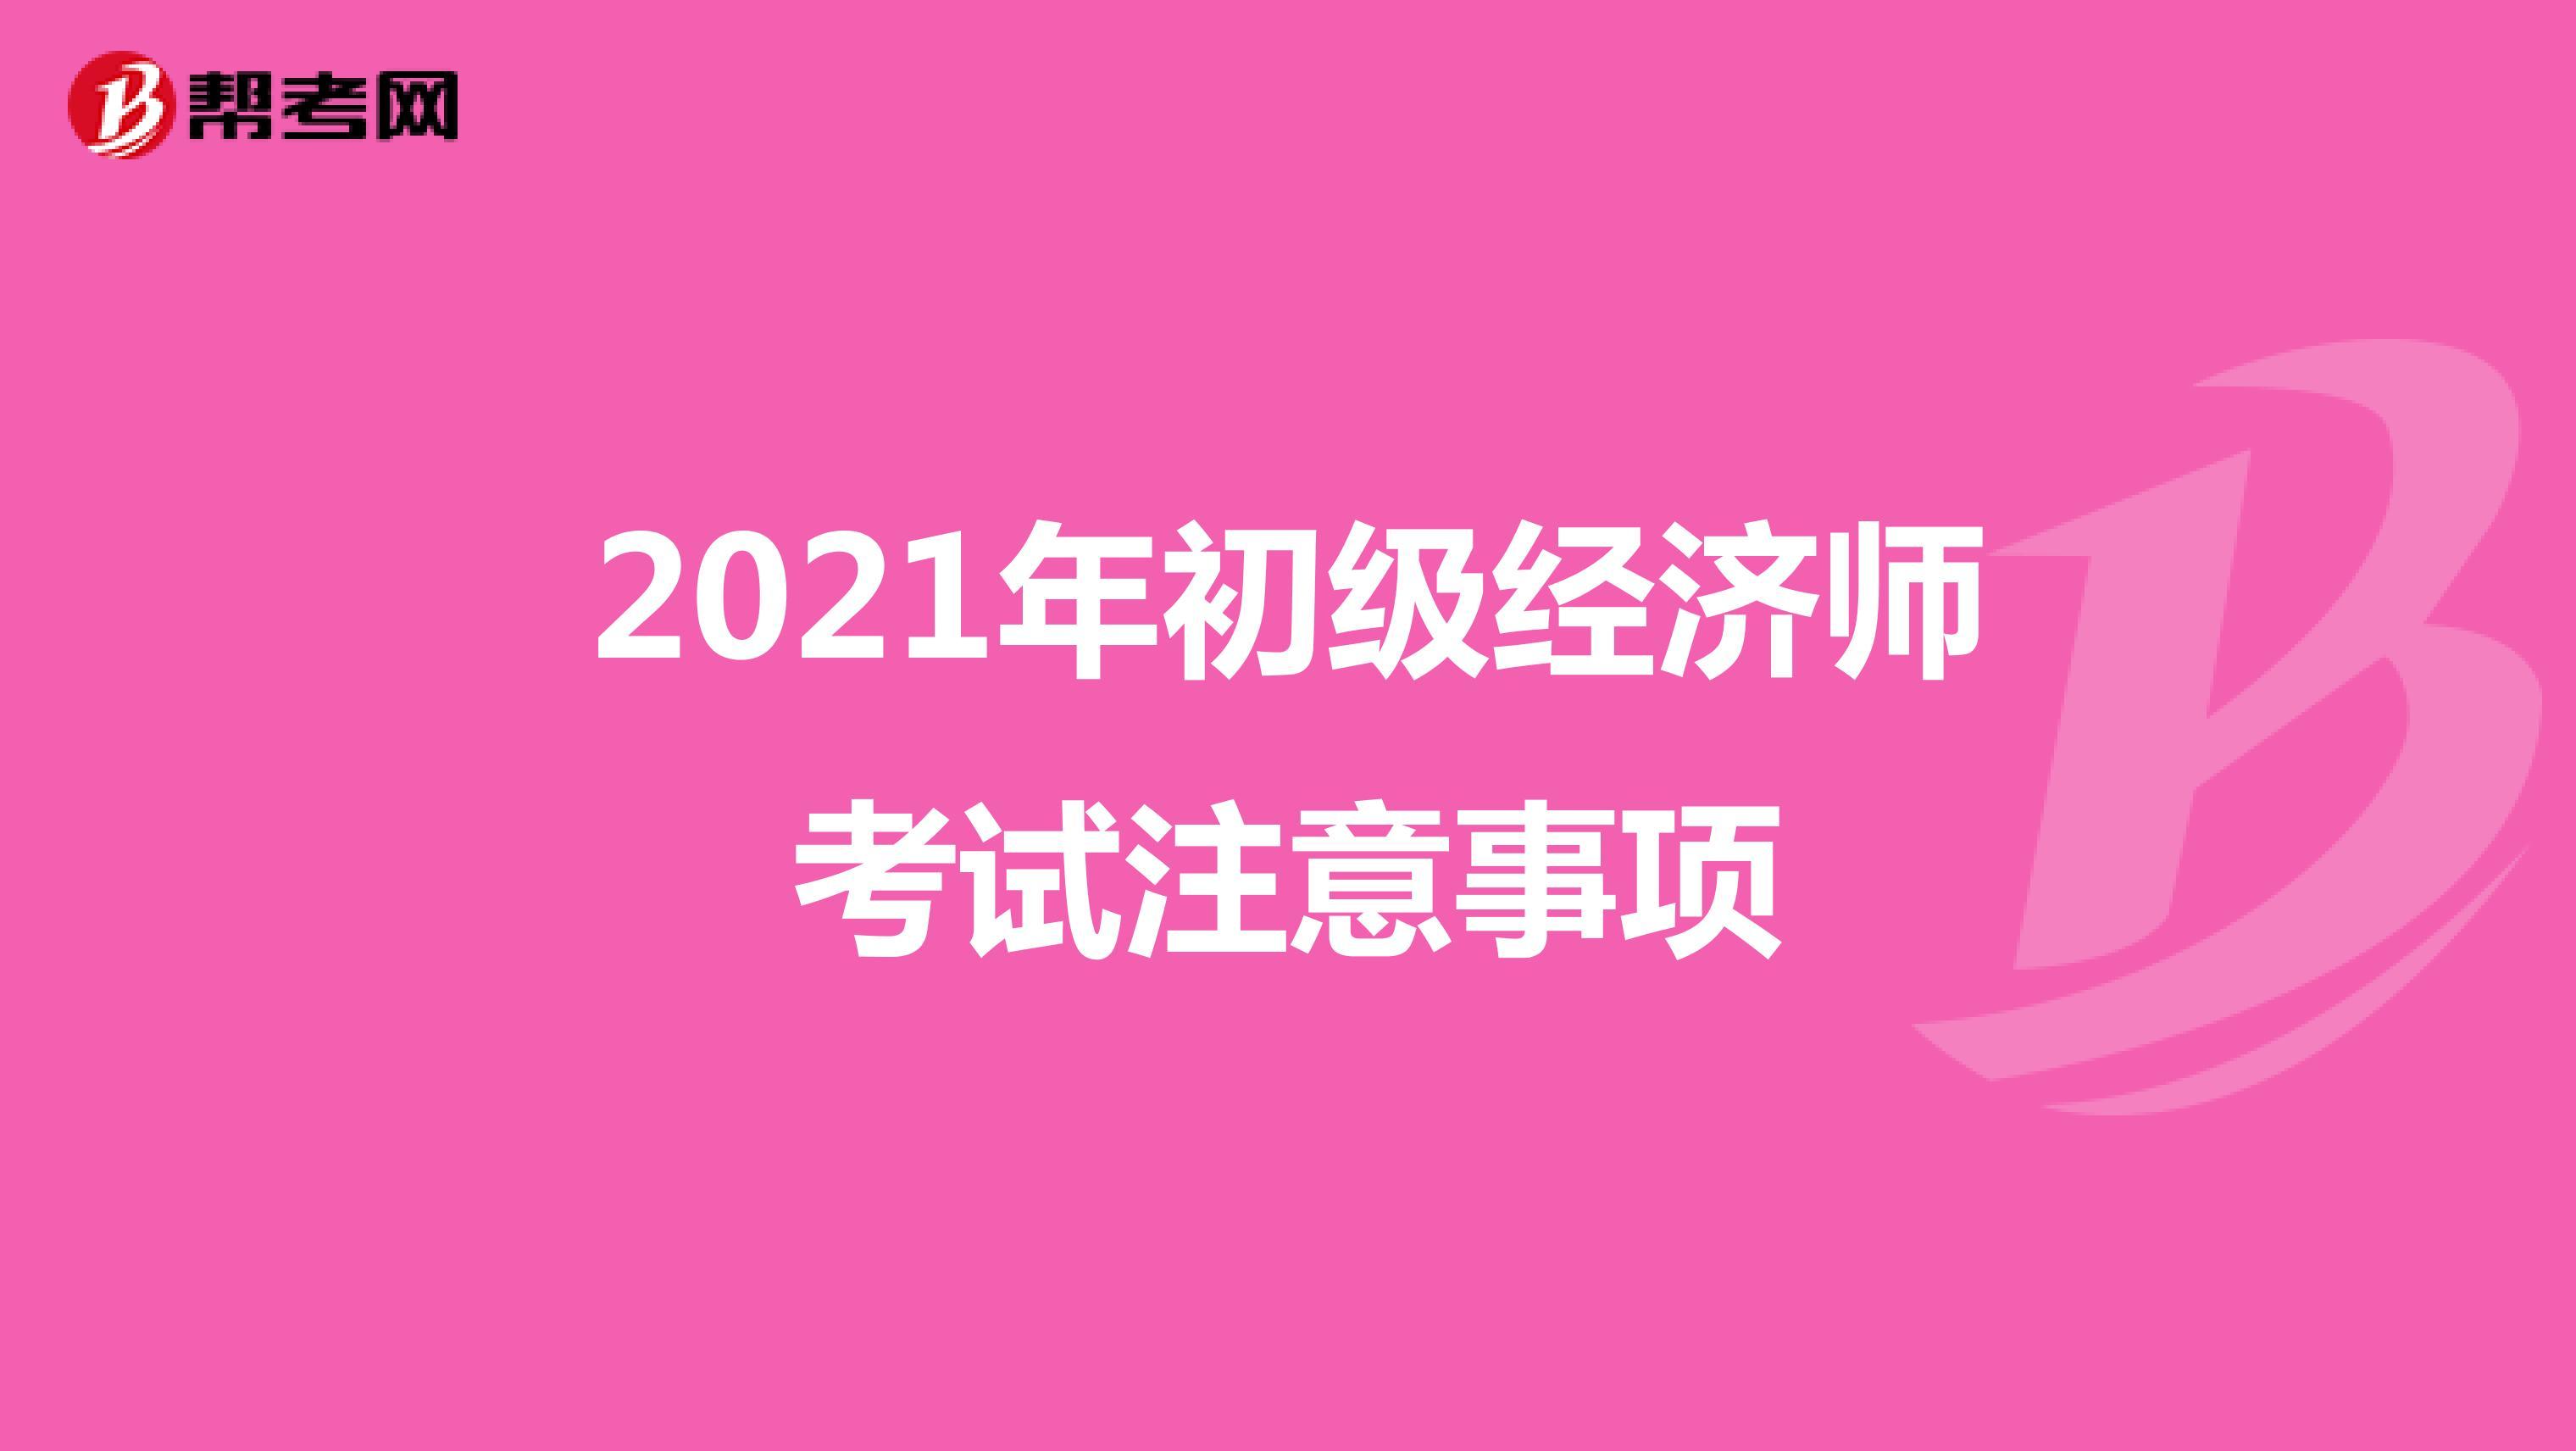 2021年初级经济师考试注意事项